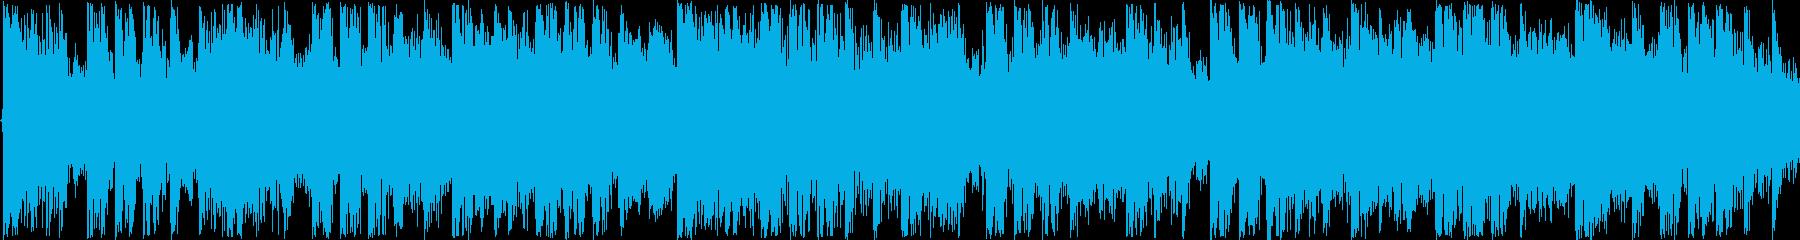 冬をイメージしたエレクトロポップスの再生済みの波形